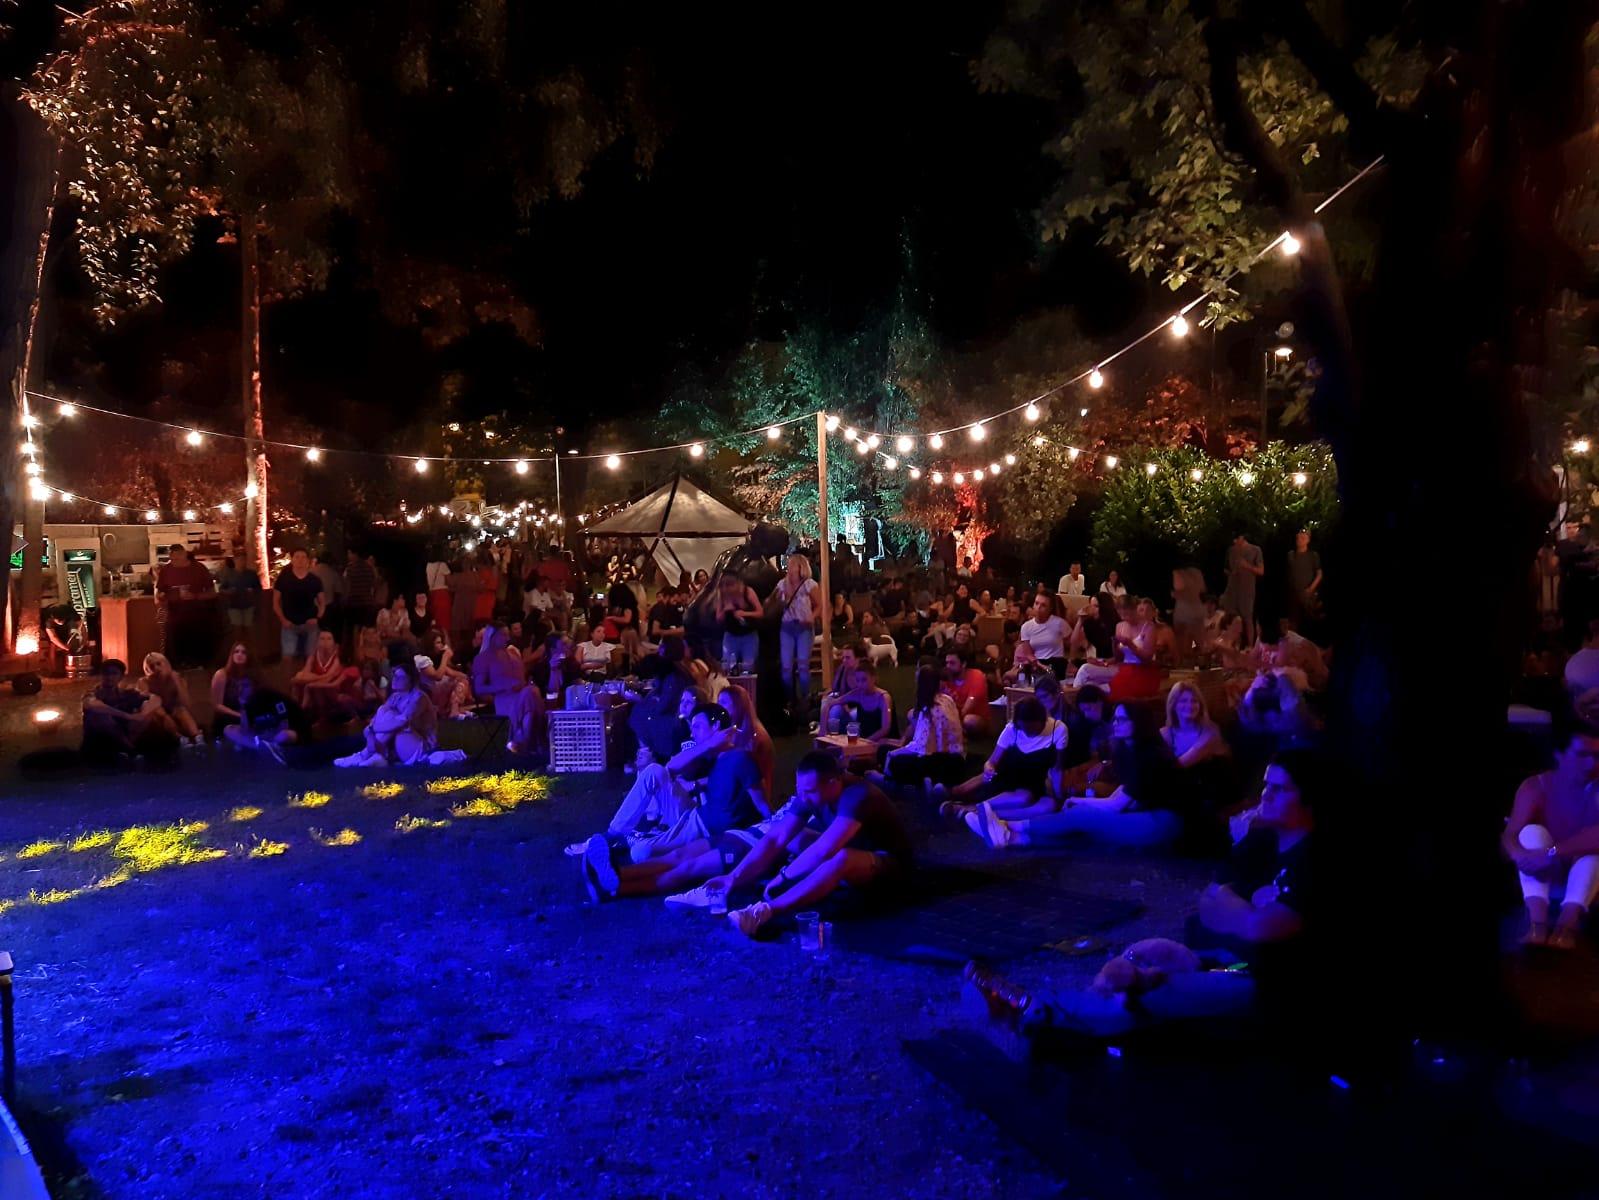 Vinko Ćemeraš i Talvi Tuuli bend oduševili okupljene na Staropramen pikniku